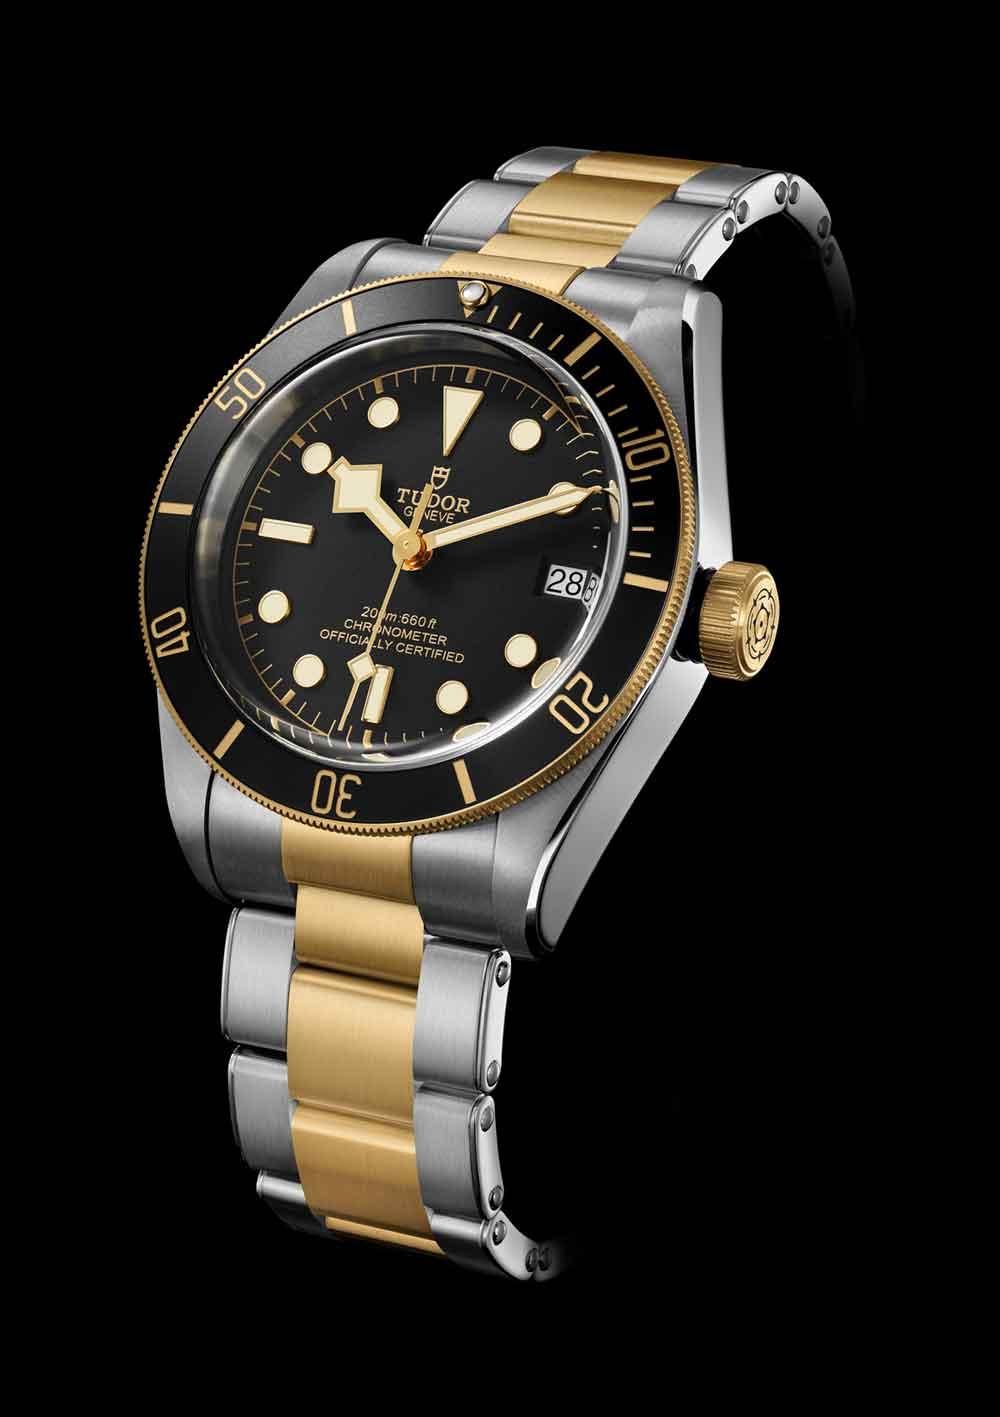 Reloj TUDOR HERITAGE BLACK BAY S&G